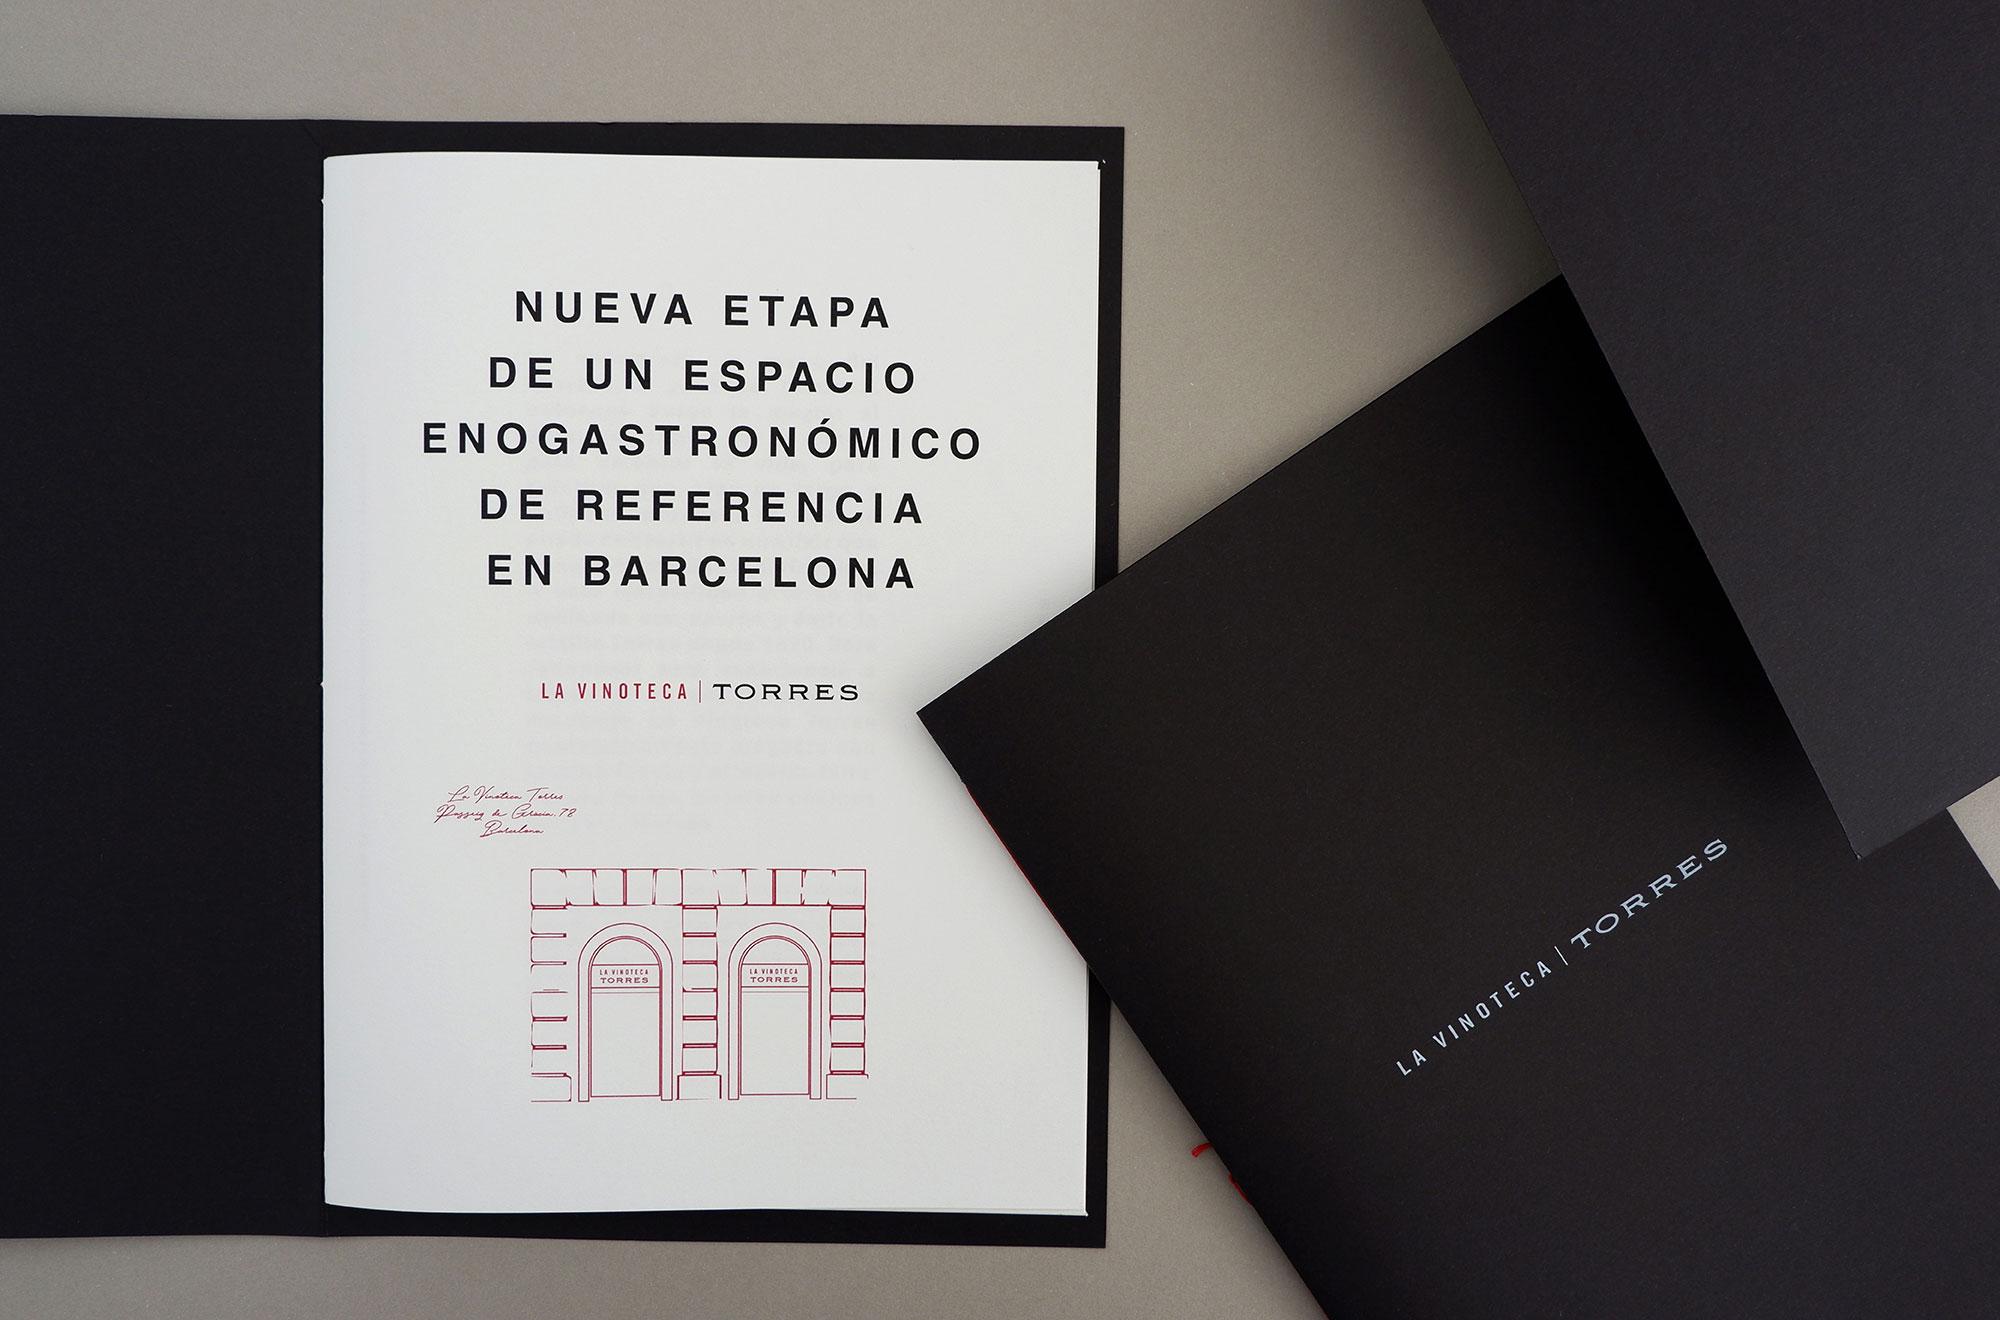 vinostorres-diseñografico-agencia-barcelona-1